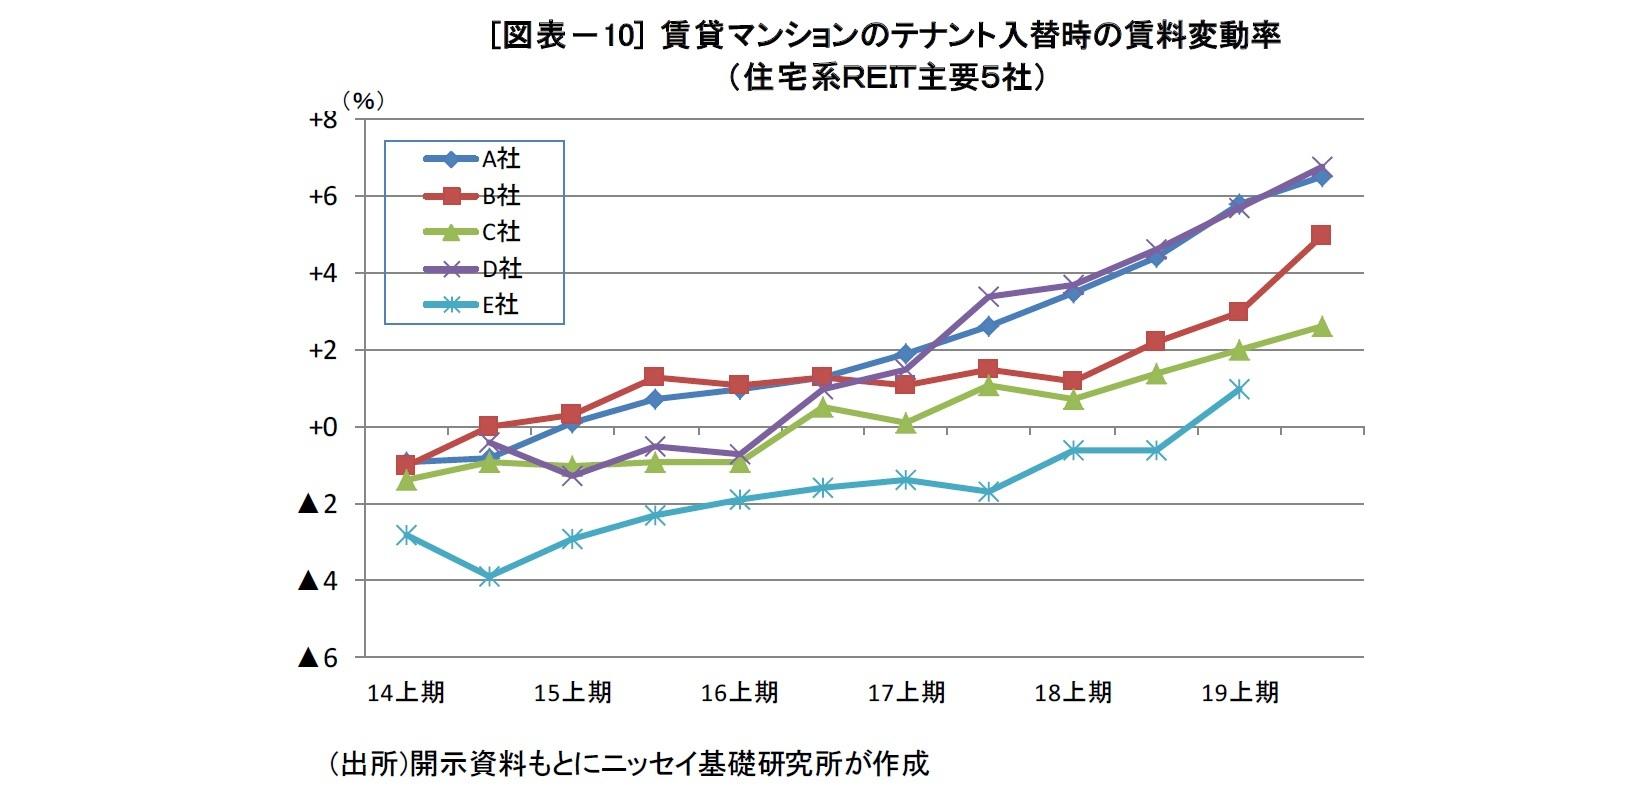 [図表-10] 賃貸マンションのテナント入替時の賃料変動率(住宅系REIT主要5社)